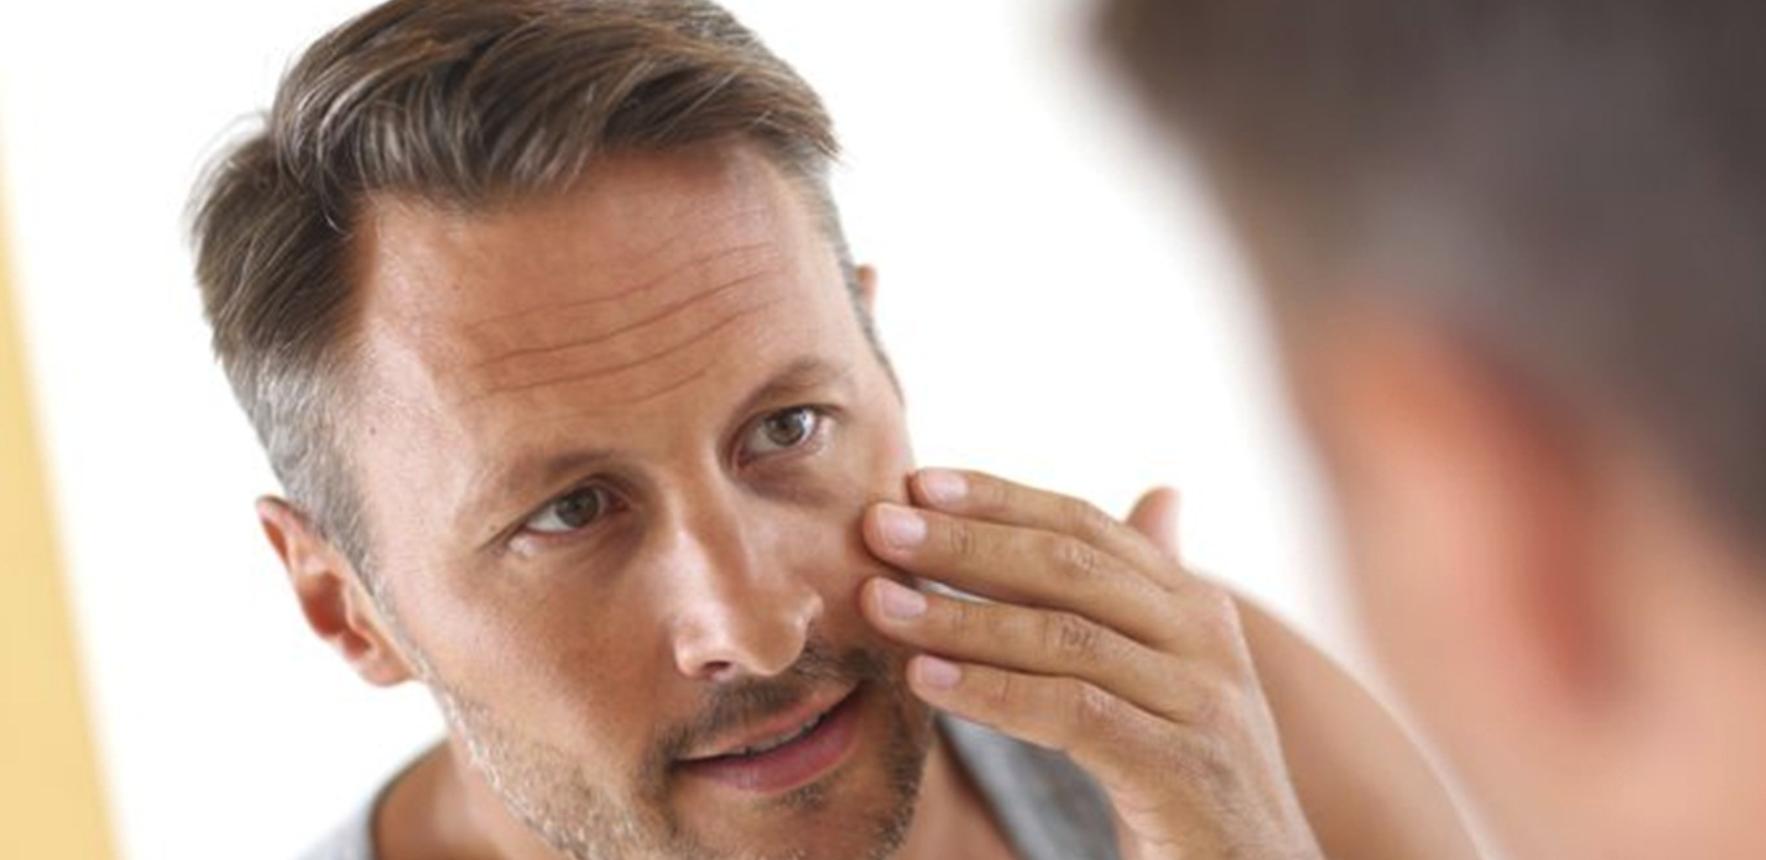 men's dry skin